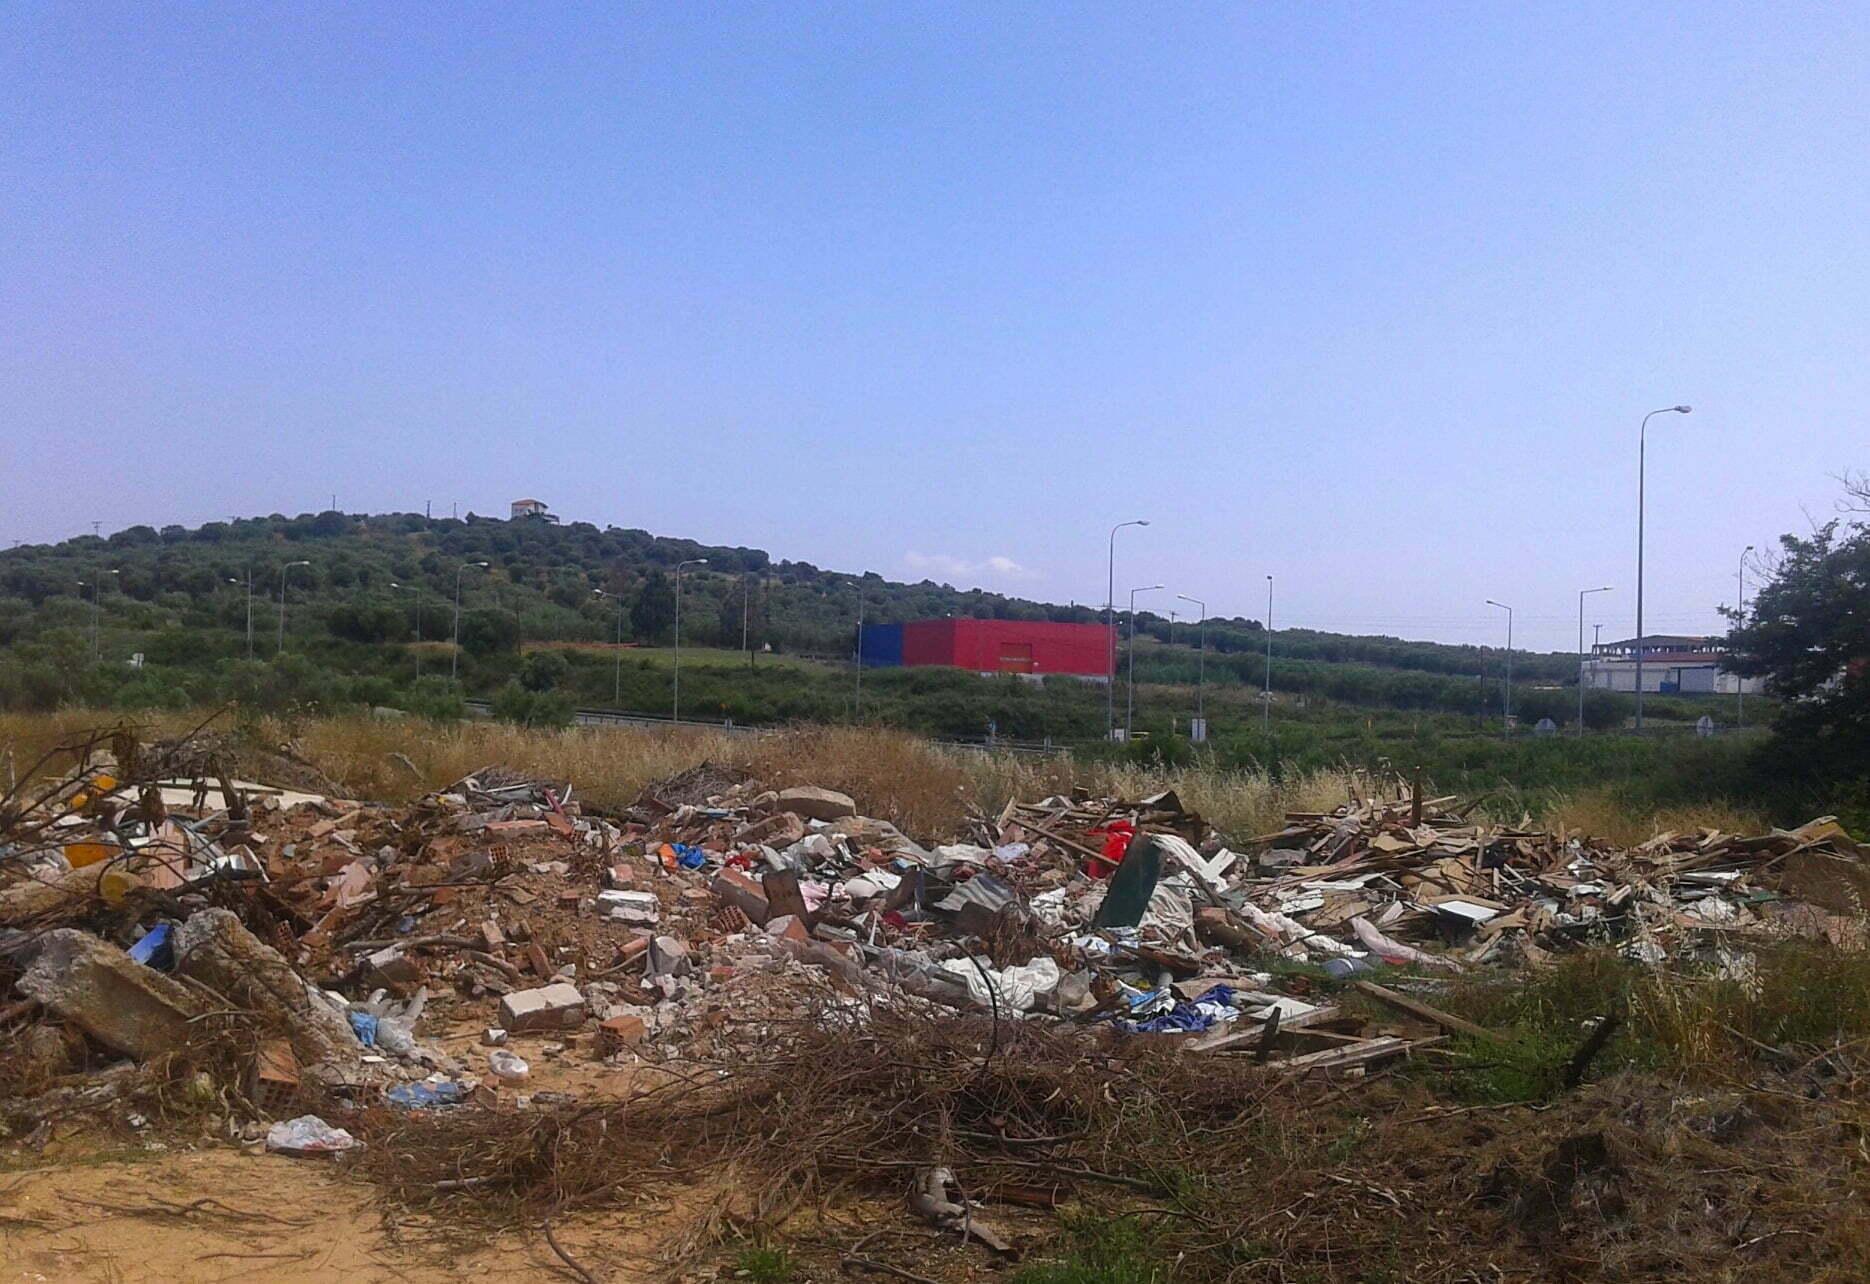 eec7d3c433b Έκκληση στους δημότες να μην αφήνουν μπάζα και ογκώδη αντικείμενα στα  πεζοδρόμια του δήμου Ωραιοκάστρου